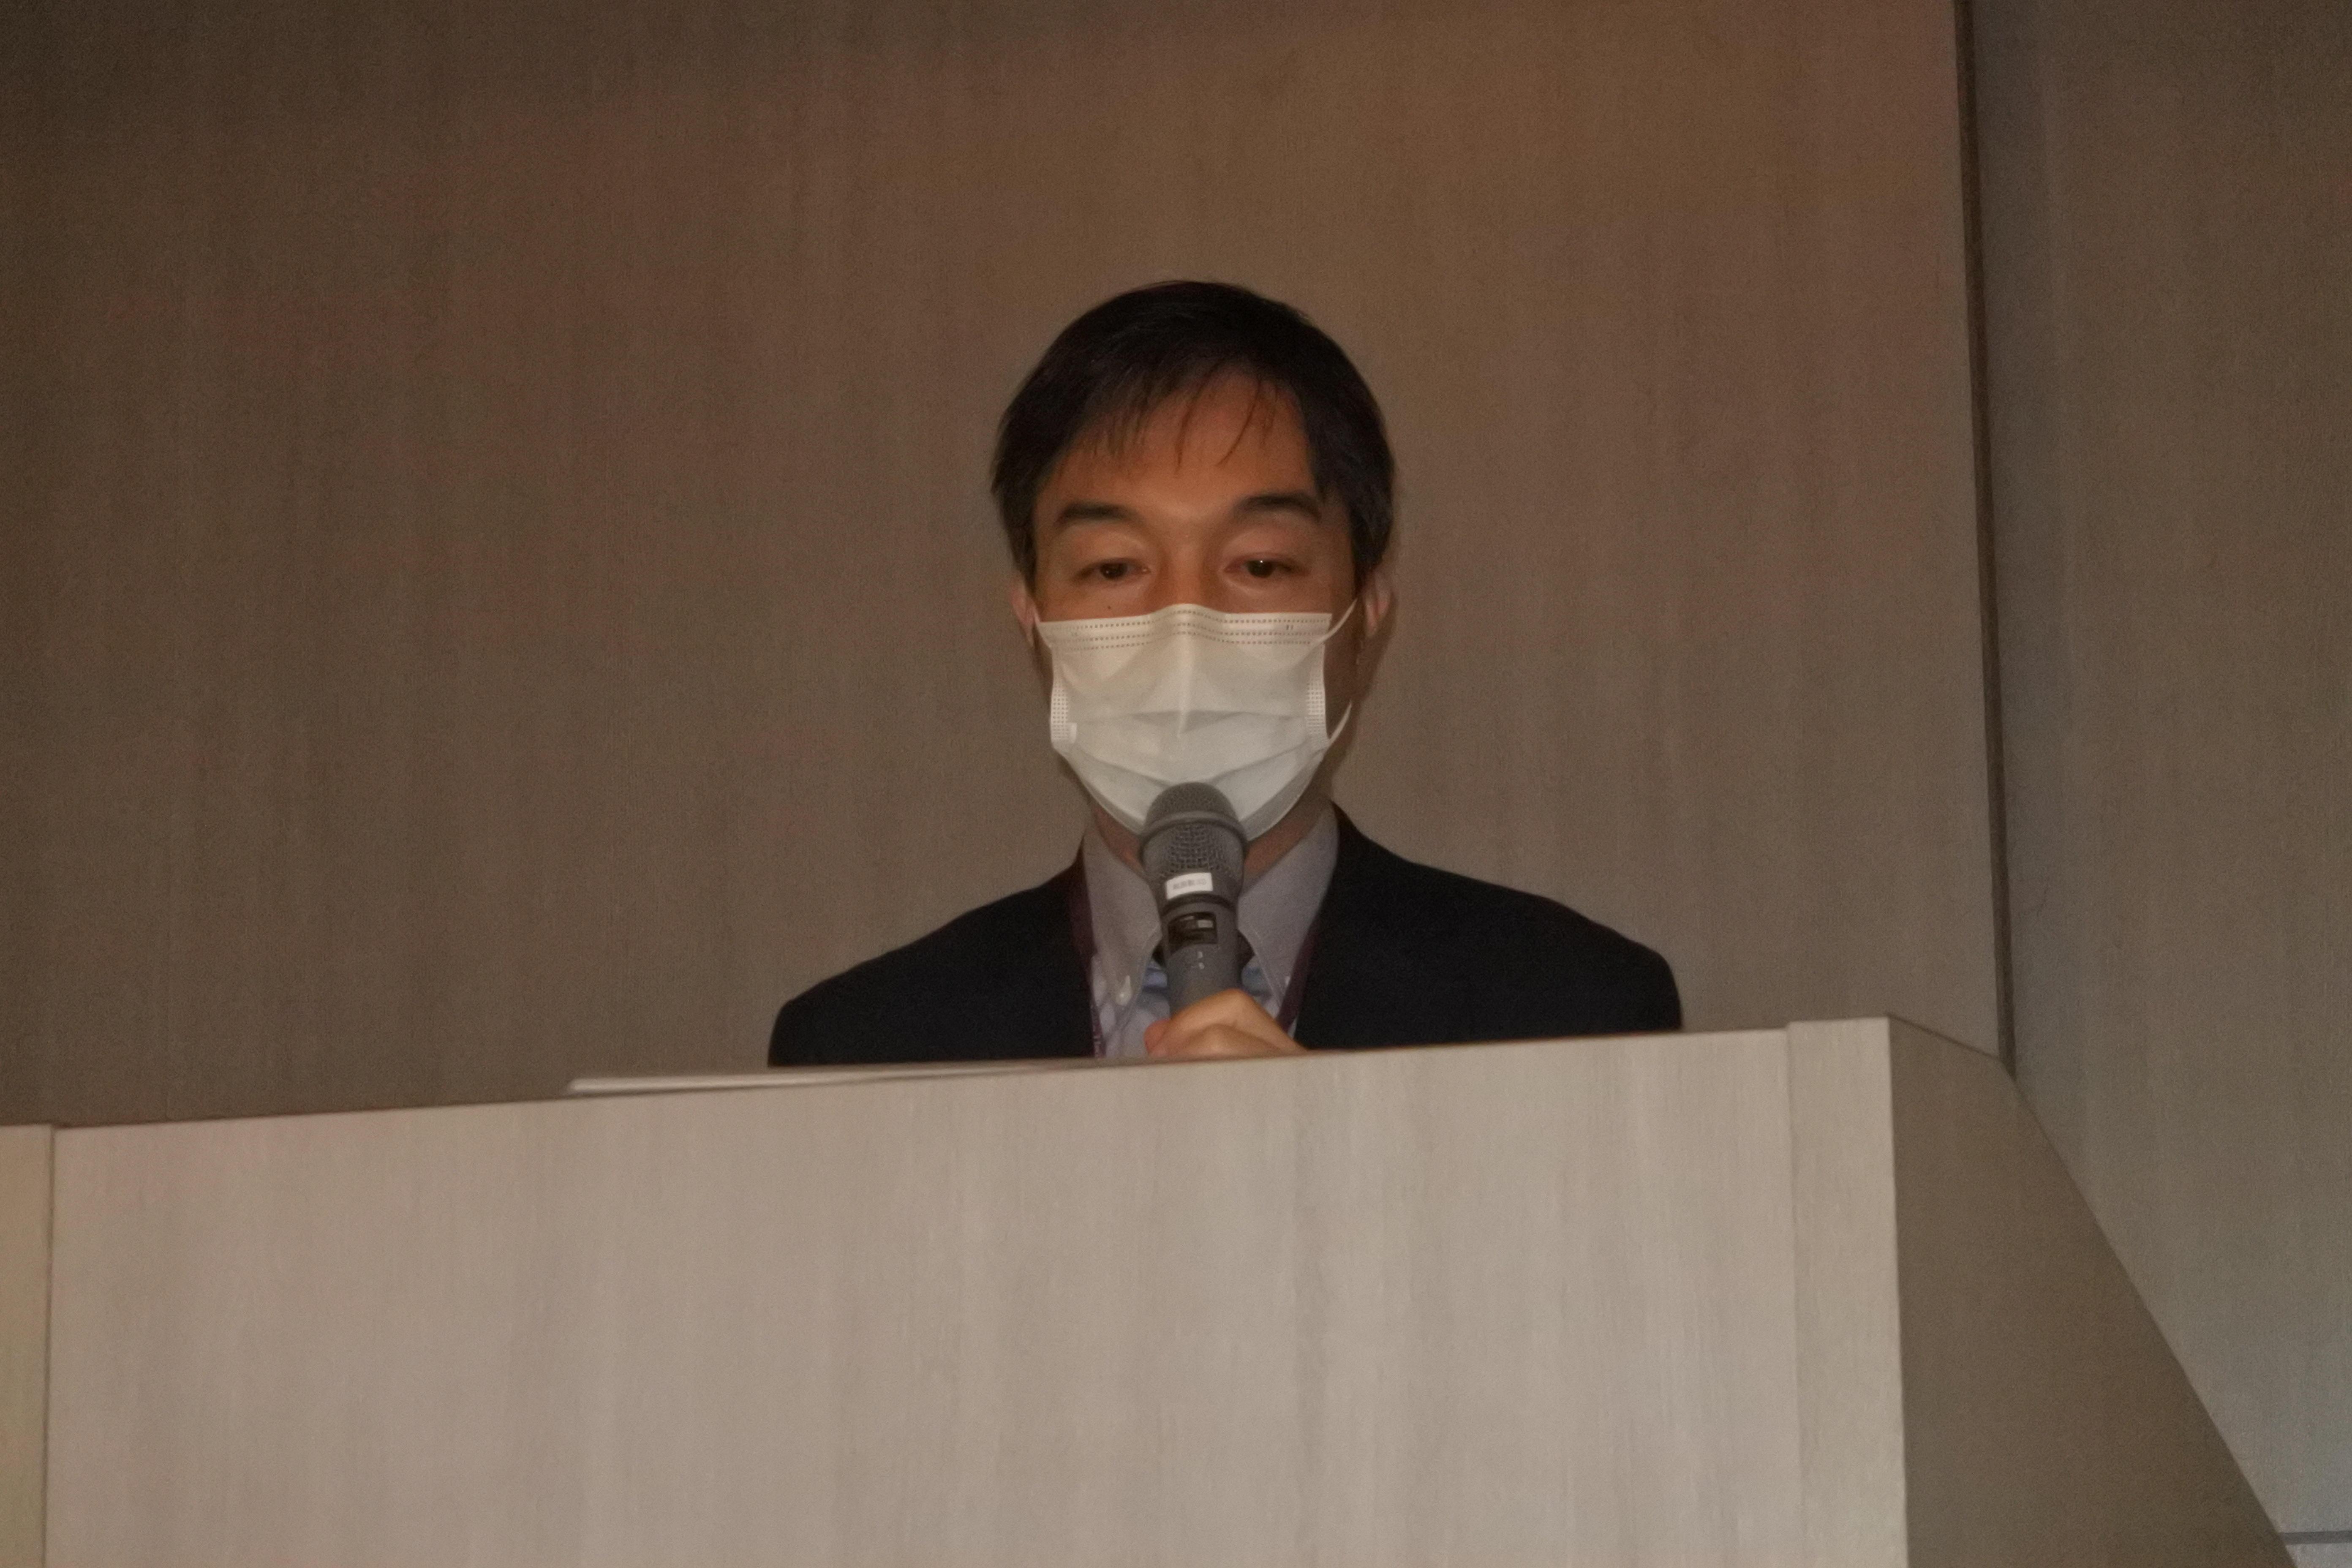 サボテンの低温順化の研究成果を発表する近藤歩准教授